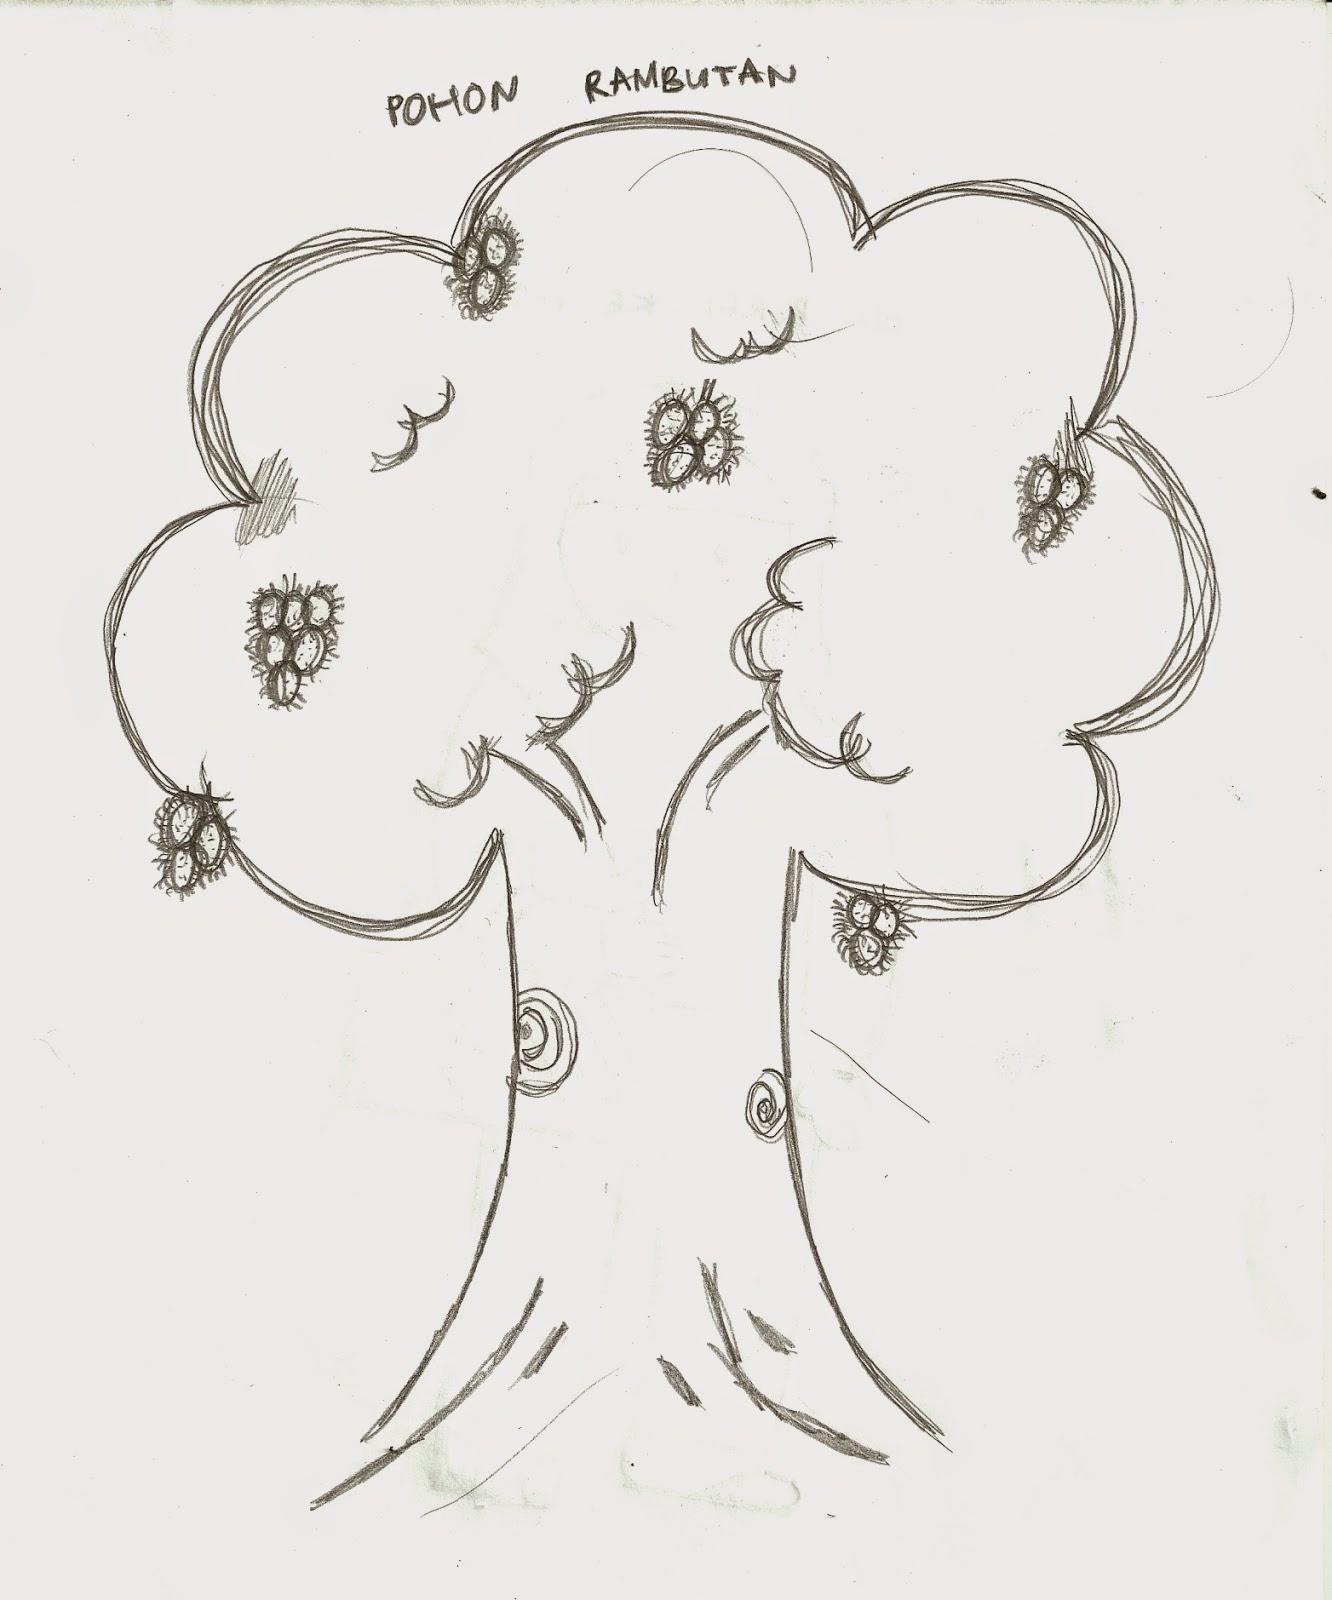 Mewarnai Gambar Pohon Rambutan Coloring N